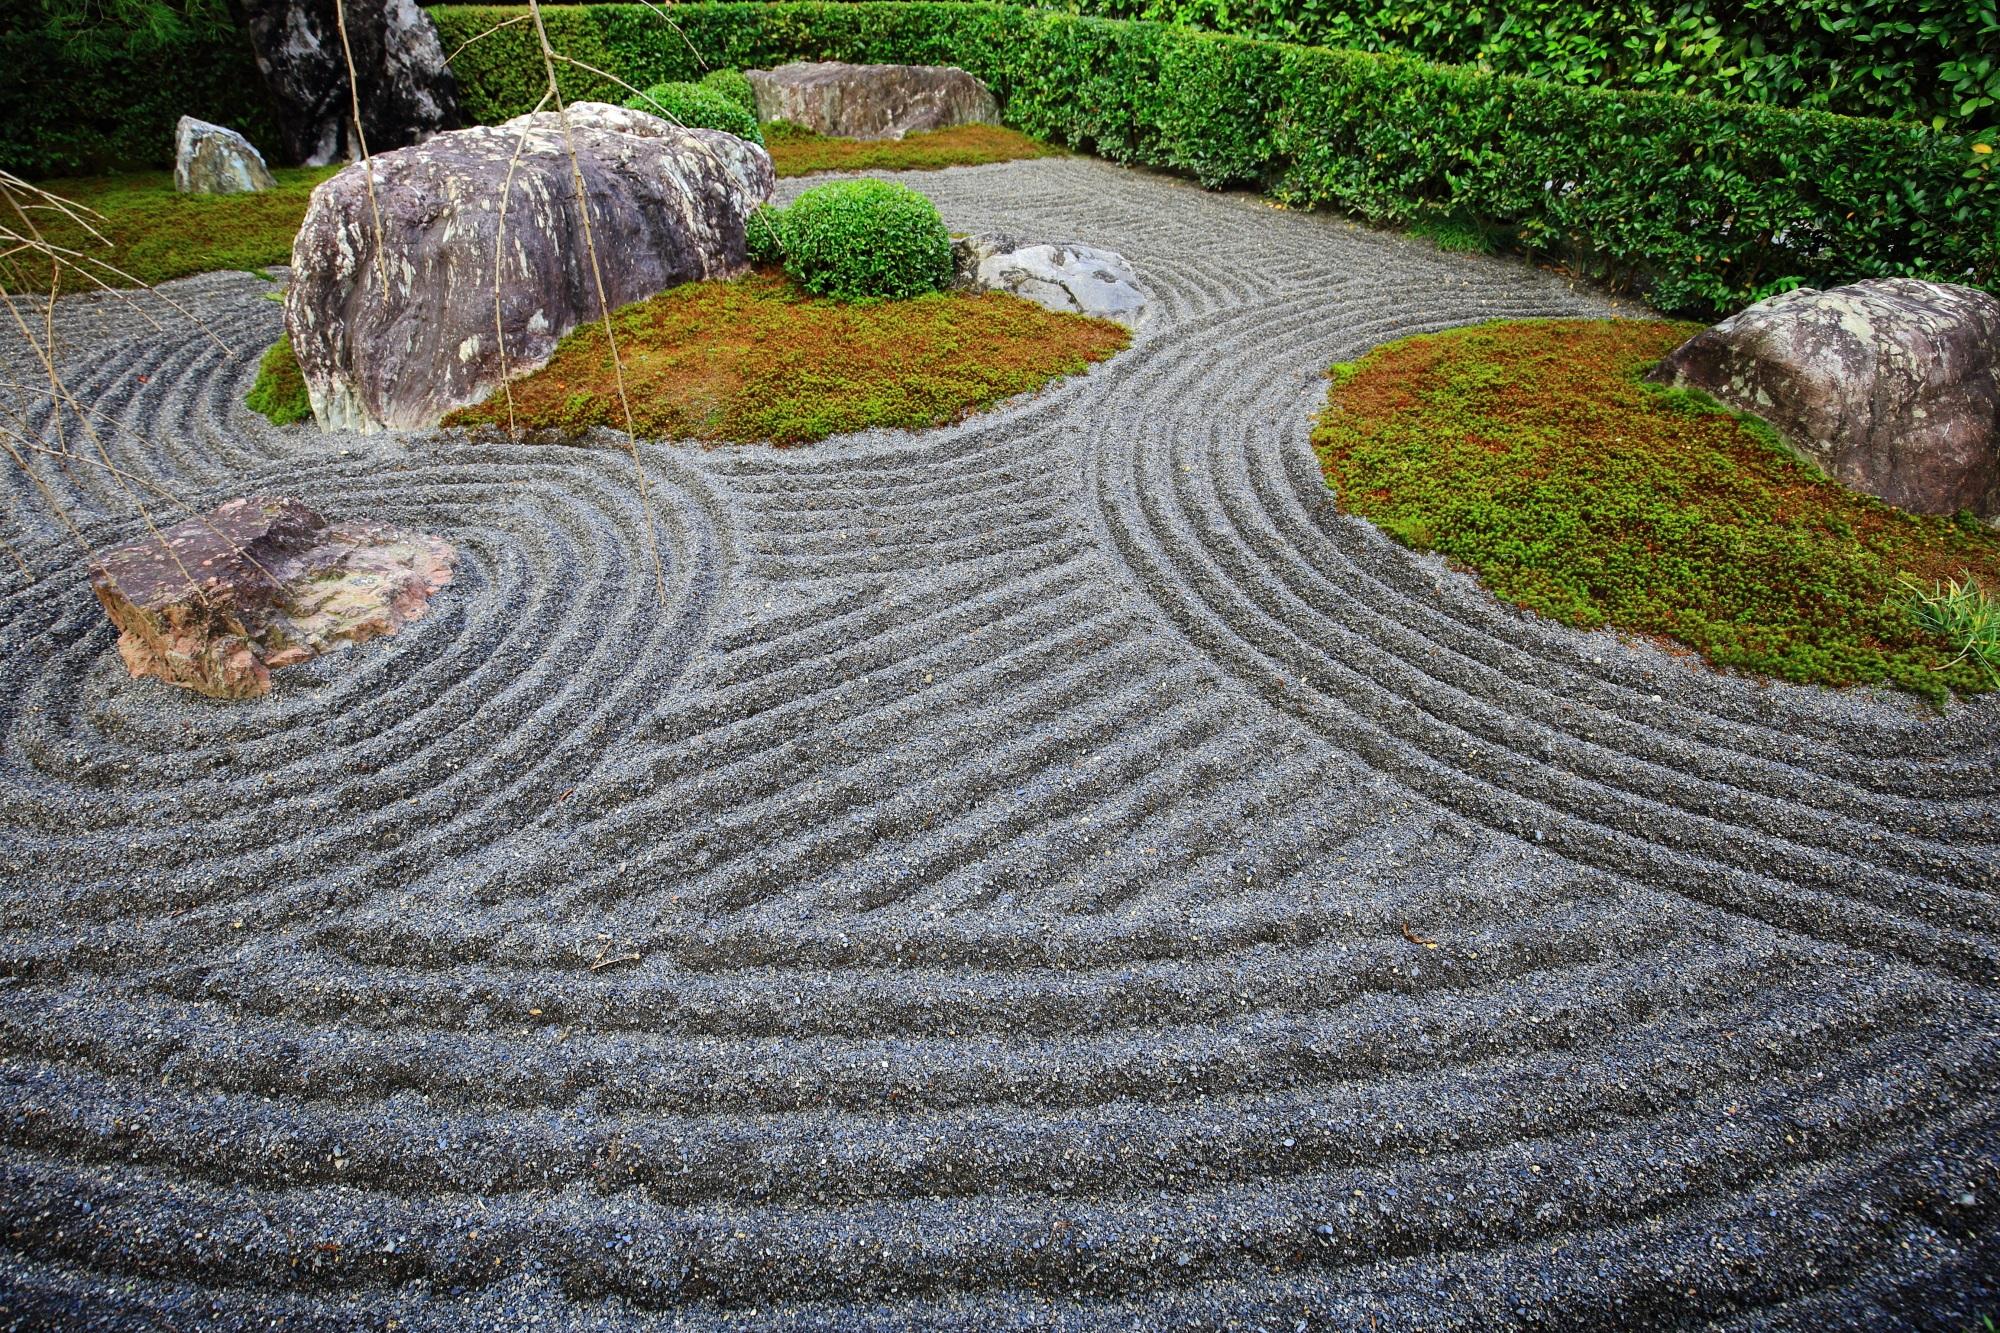 しっかりと波模様の入った砂に苔と岩が浮かぶ陰陽の庭